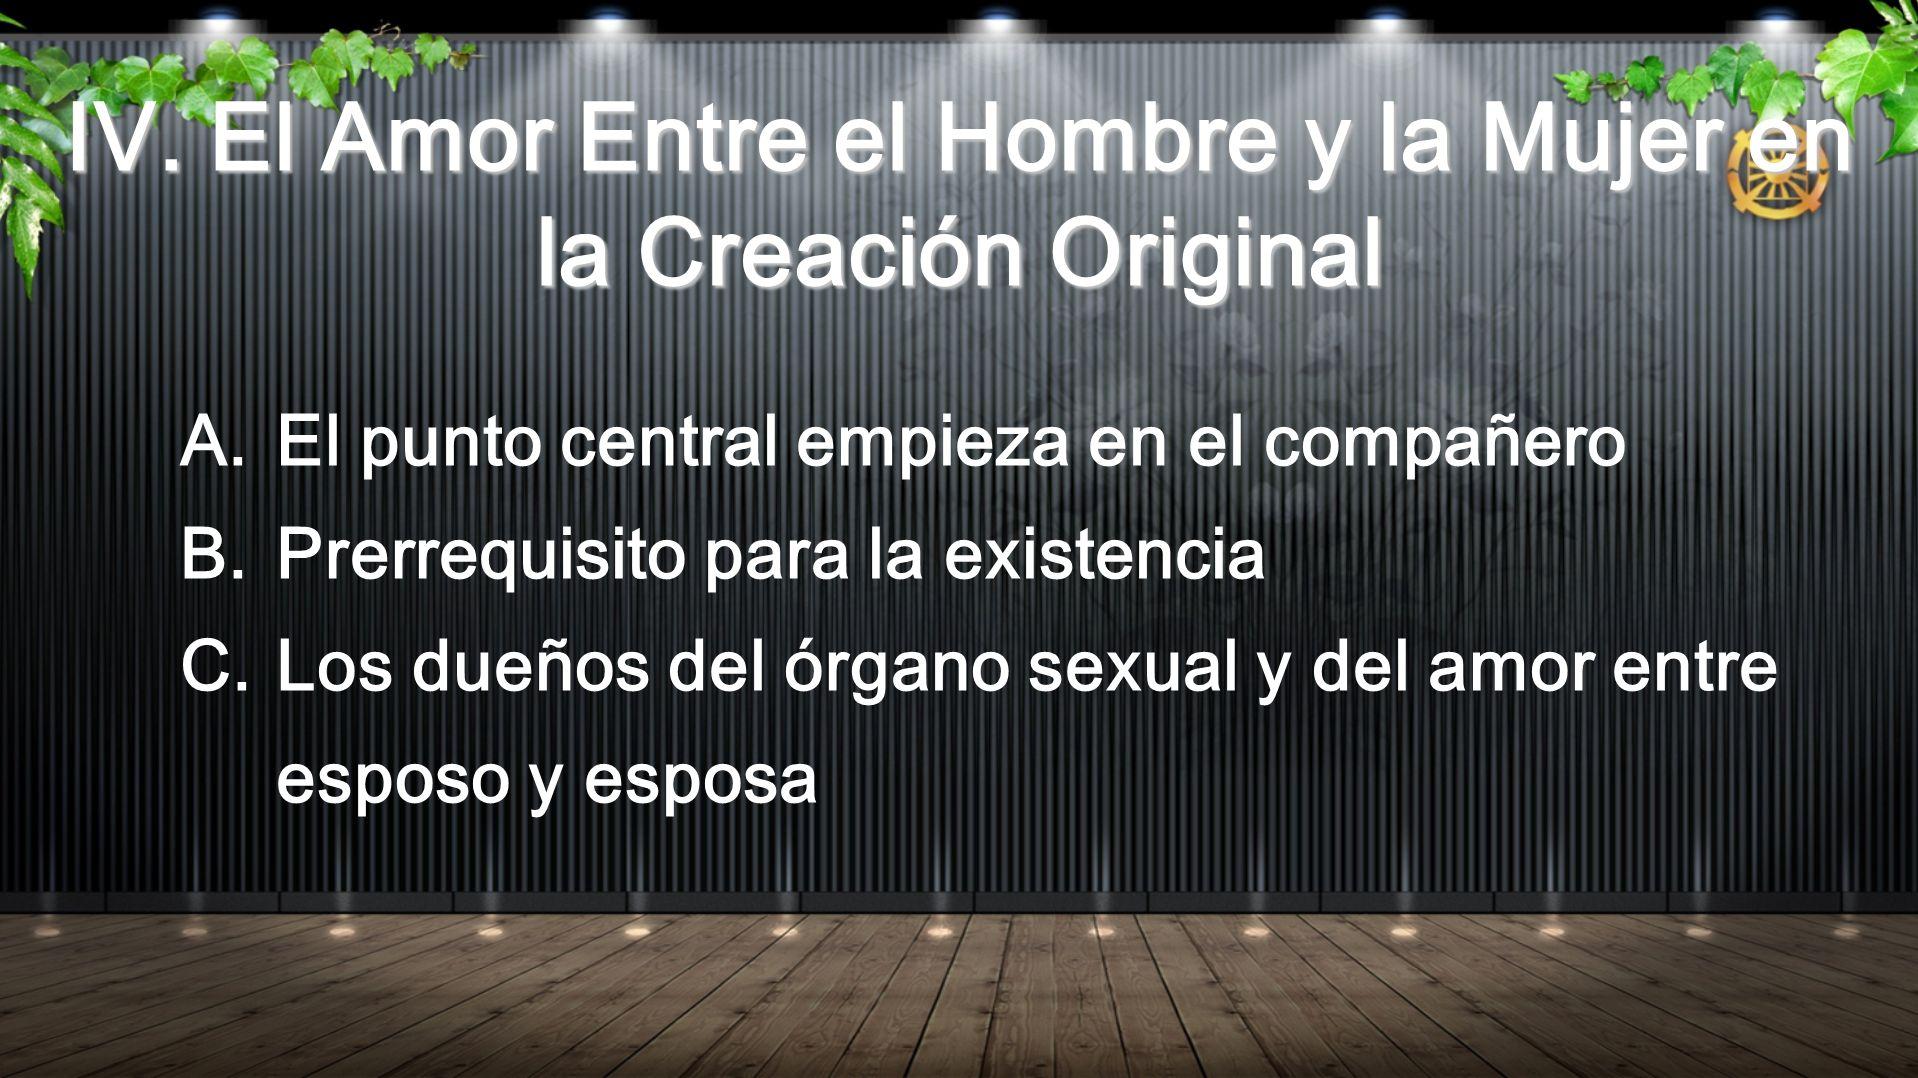 A.El punto central empieza en el compañero B.Prerrequisito para la existencia C.Los dueños del órgano sexual y del amor entre esposo y esposa IV.